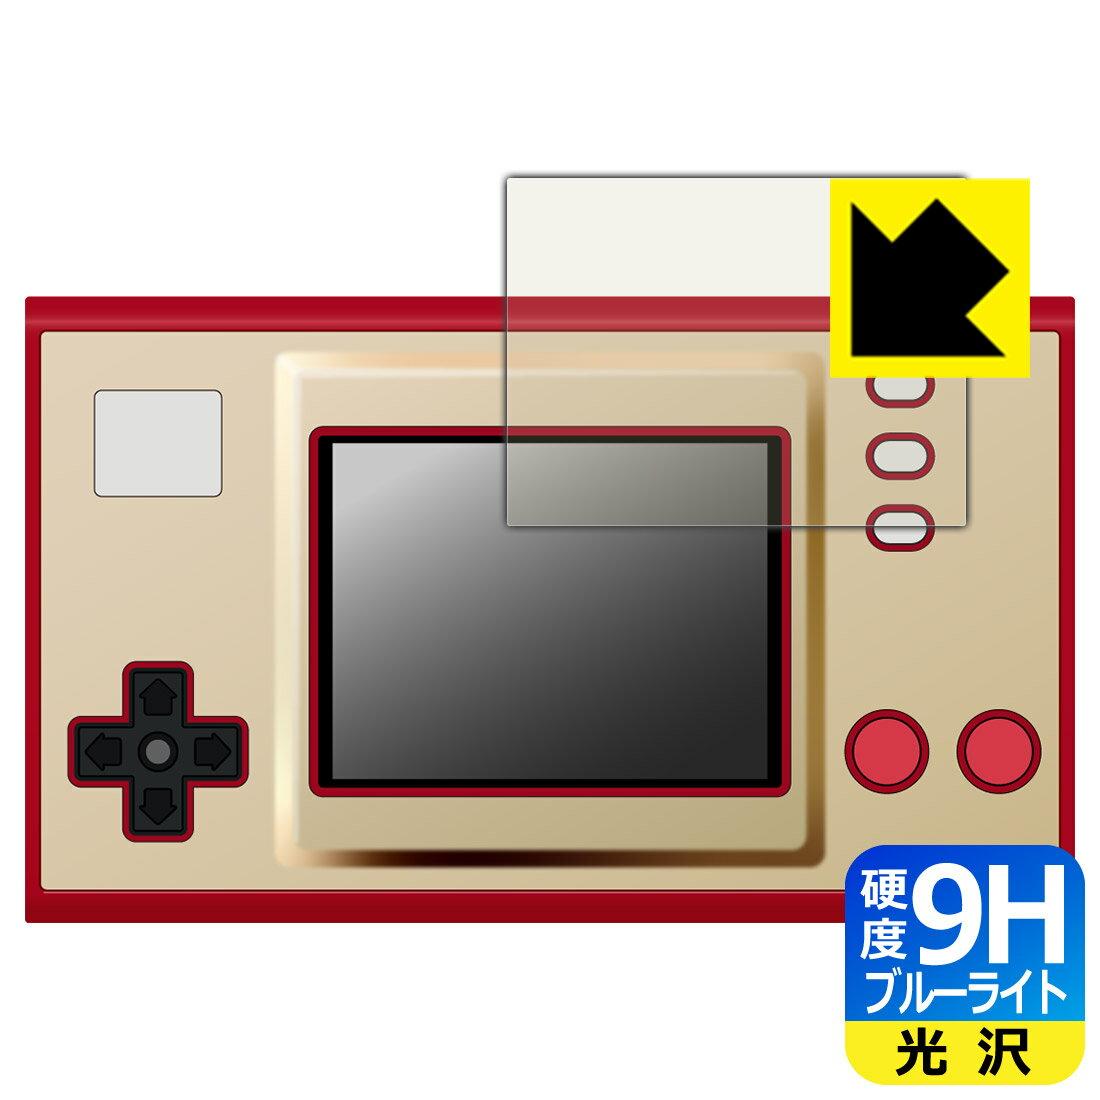 テレビゲーム, その他  9H () RCPsmtb-kd